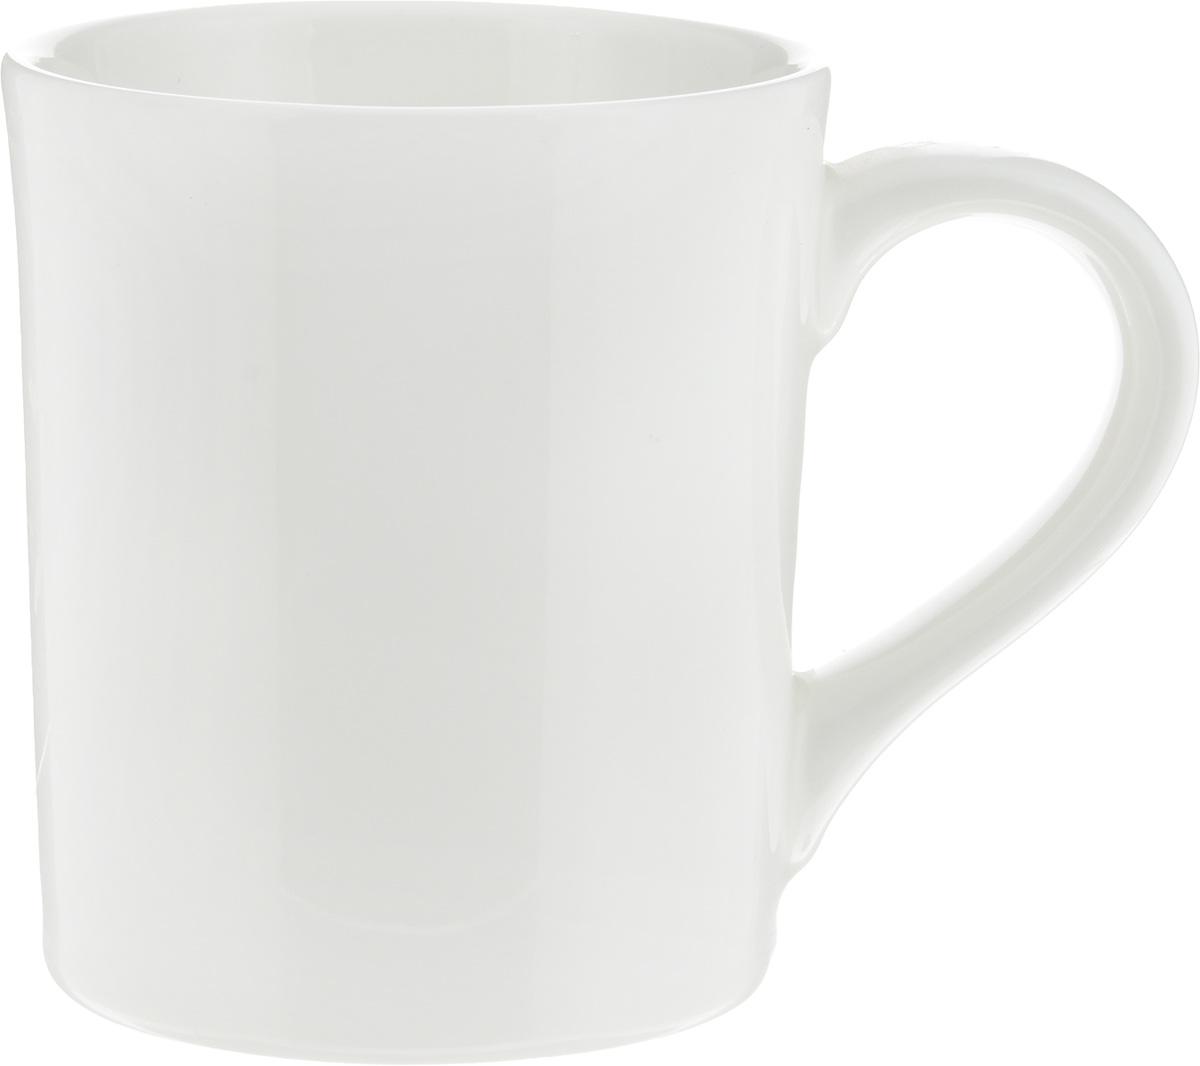 Кружка Ariane Прайм, 460 мл1870004Кружка Ariane Прайм изготовлена из высококачественного фарфора с глазурованным покрытием. Такая кружка оригинально украсит стол, а пить чай или кофе станет еще приятнее.Можно мыть в посудомоечной машине и использовать в микроволновой печи.Диаметр кружки (по верхнему краю): 9 см. Высота салатника: 10,5 см.